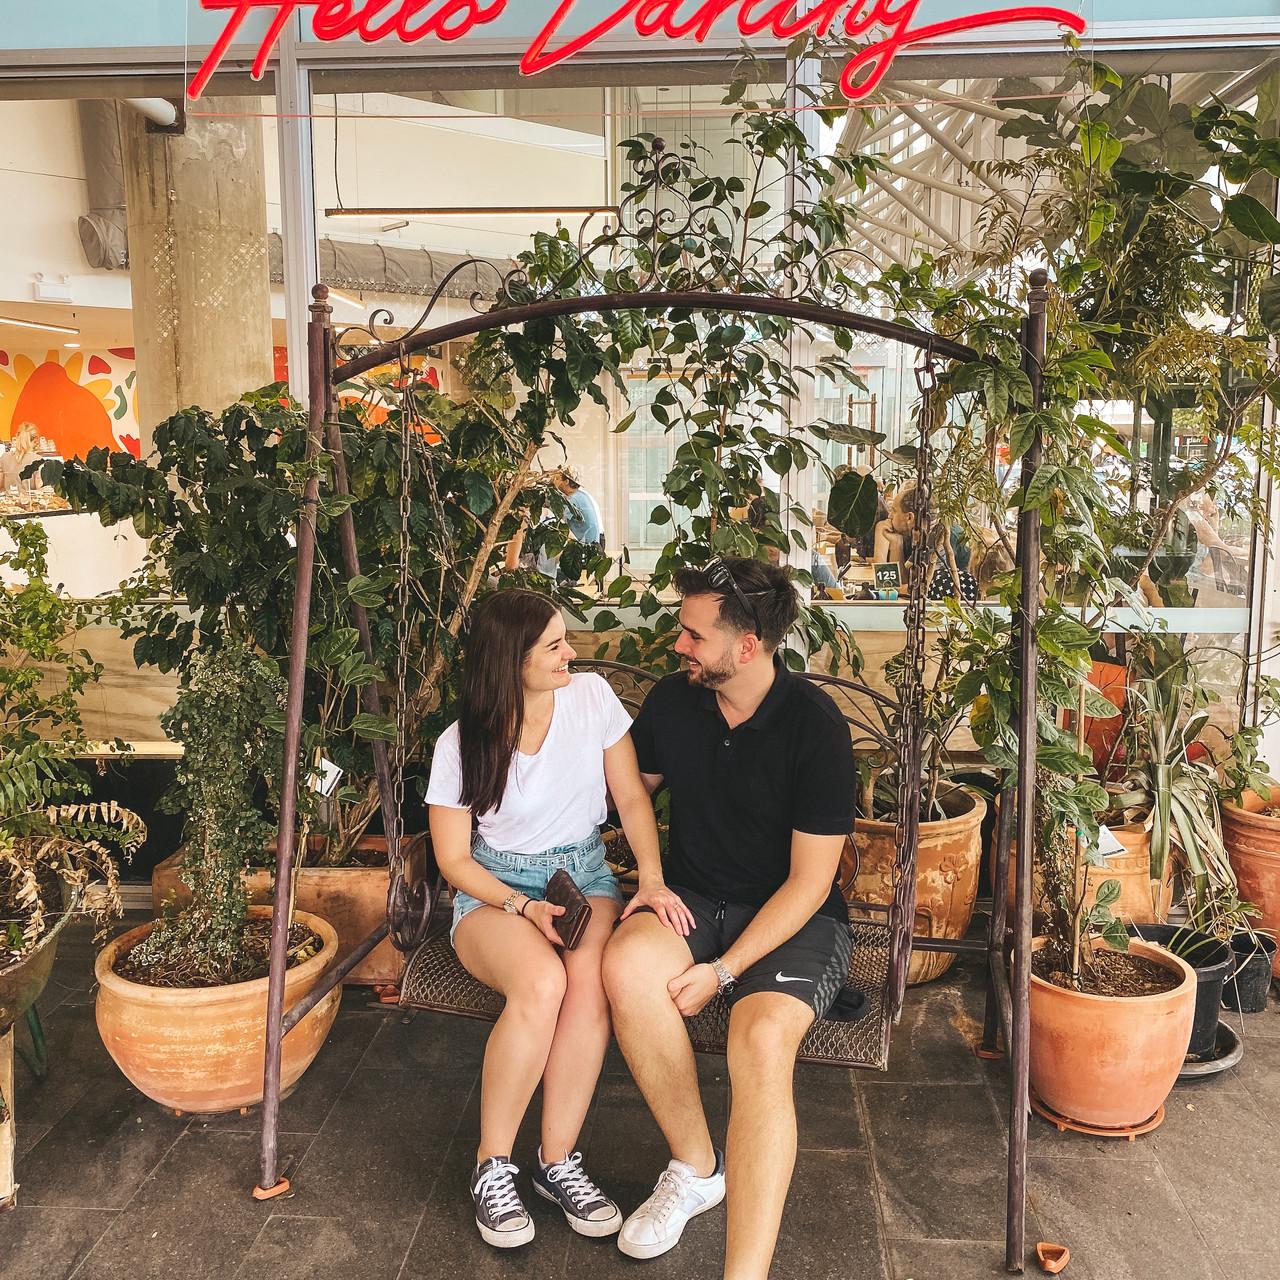 Darwin cafe Ray's Patisserie swing